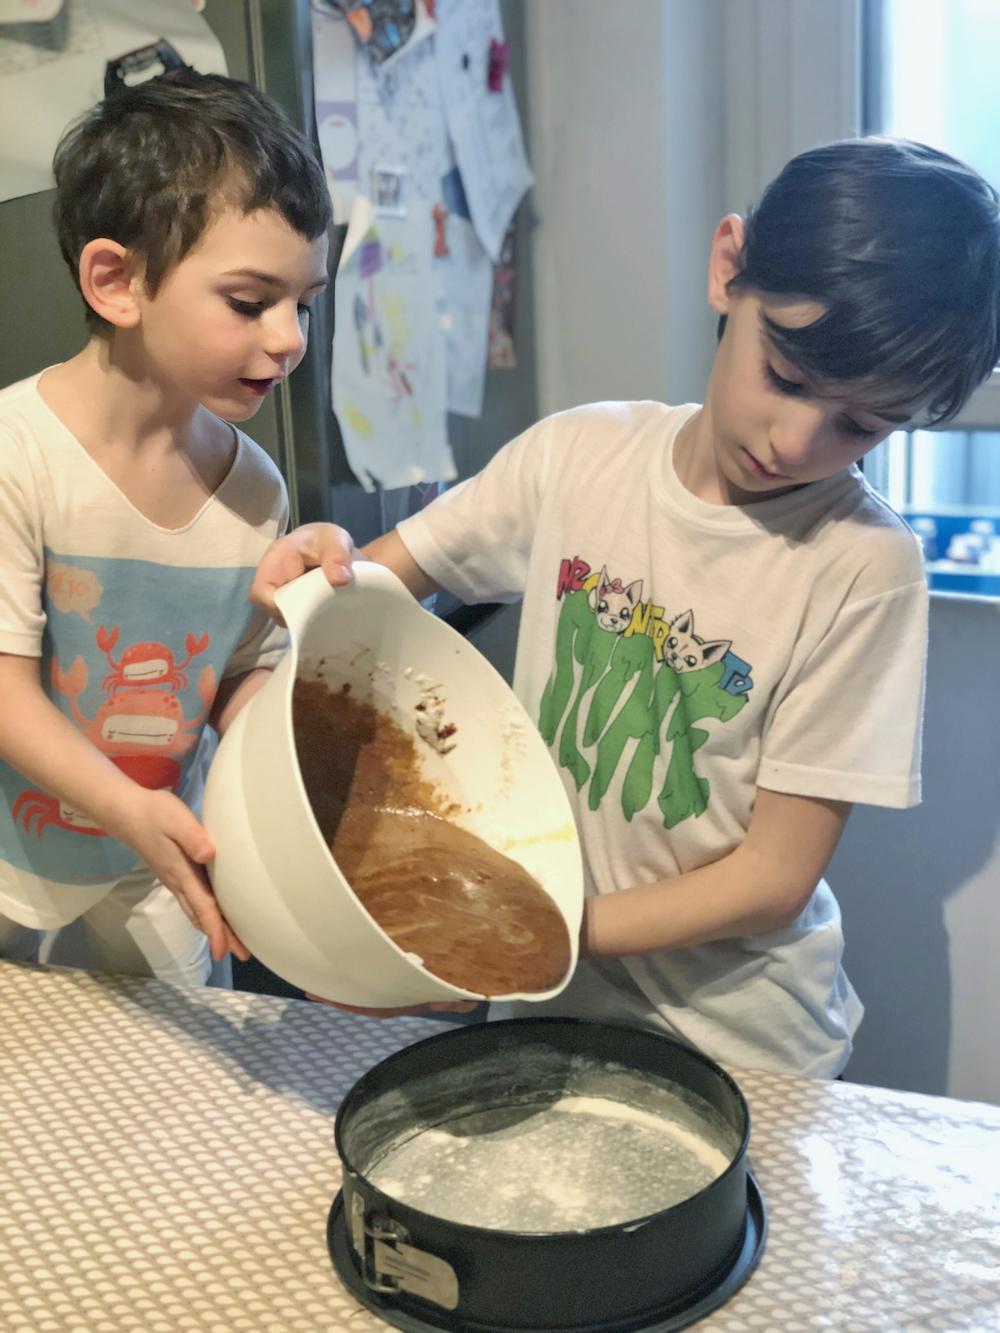 bambini-preparano-torta-al-cioccolato